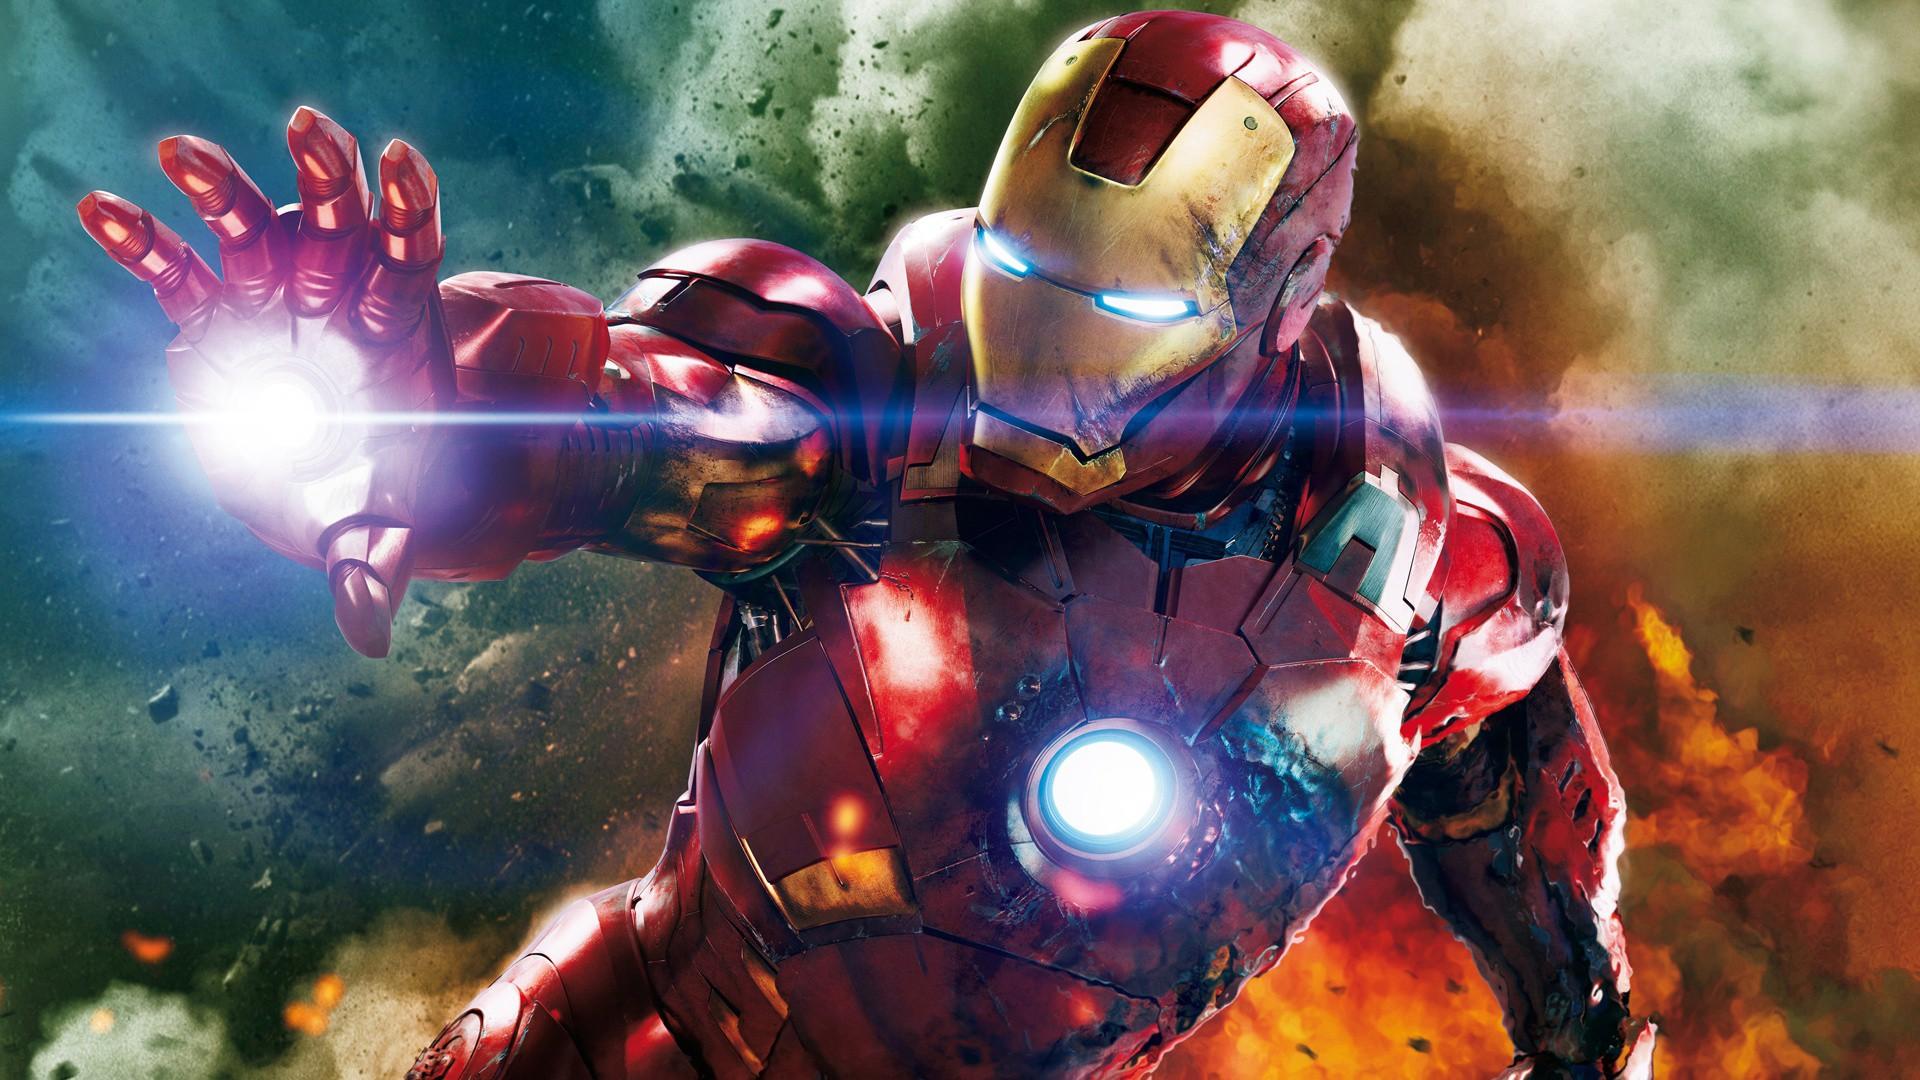 Vì sao ngày đó Iron Man được chọn mở màn kỷ nguyên siêu anh hùng Marvel